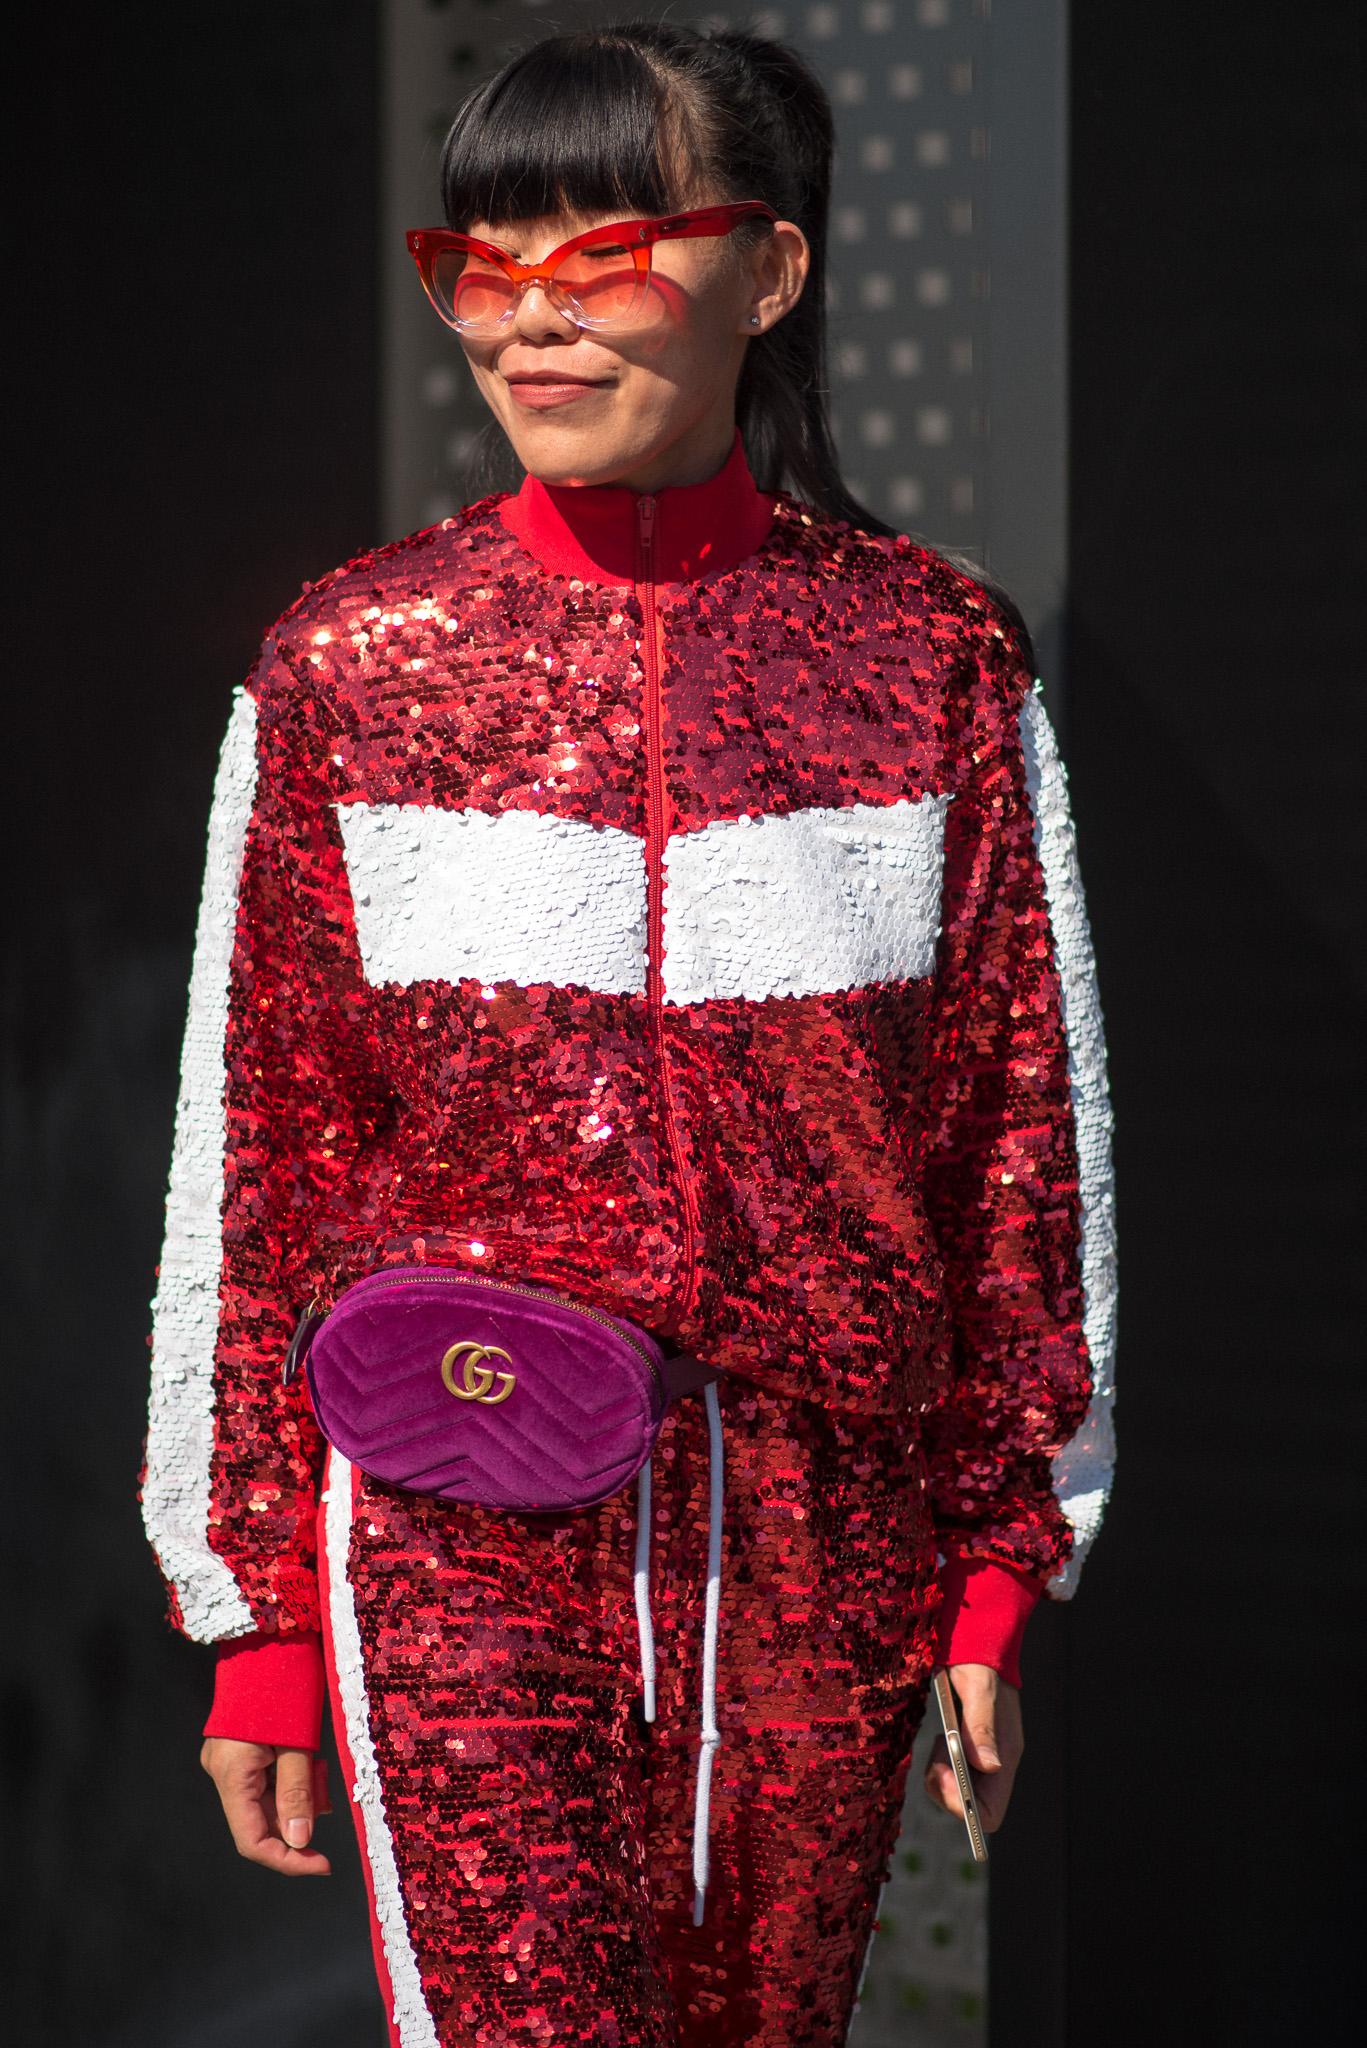 Wenjun Gucci Milan Fashion Week September 2017 Photography Annika Lagerqvist www.annikasomething.com